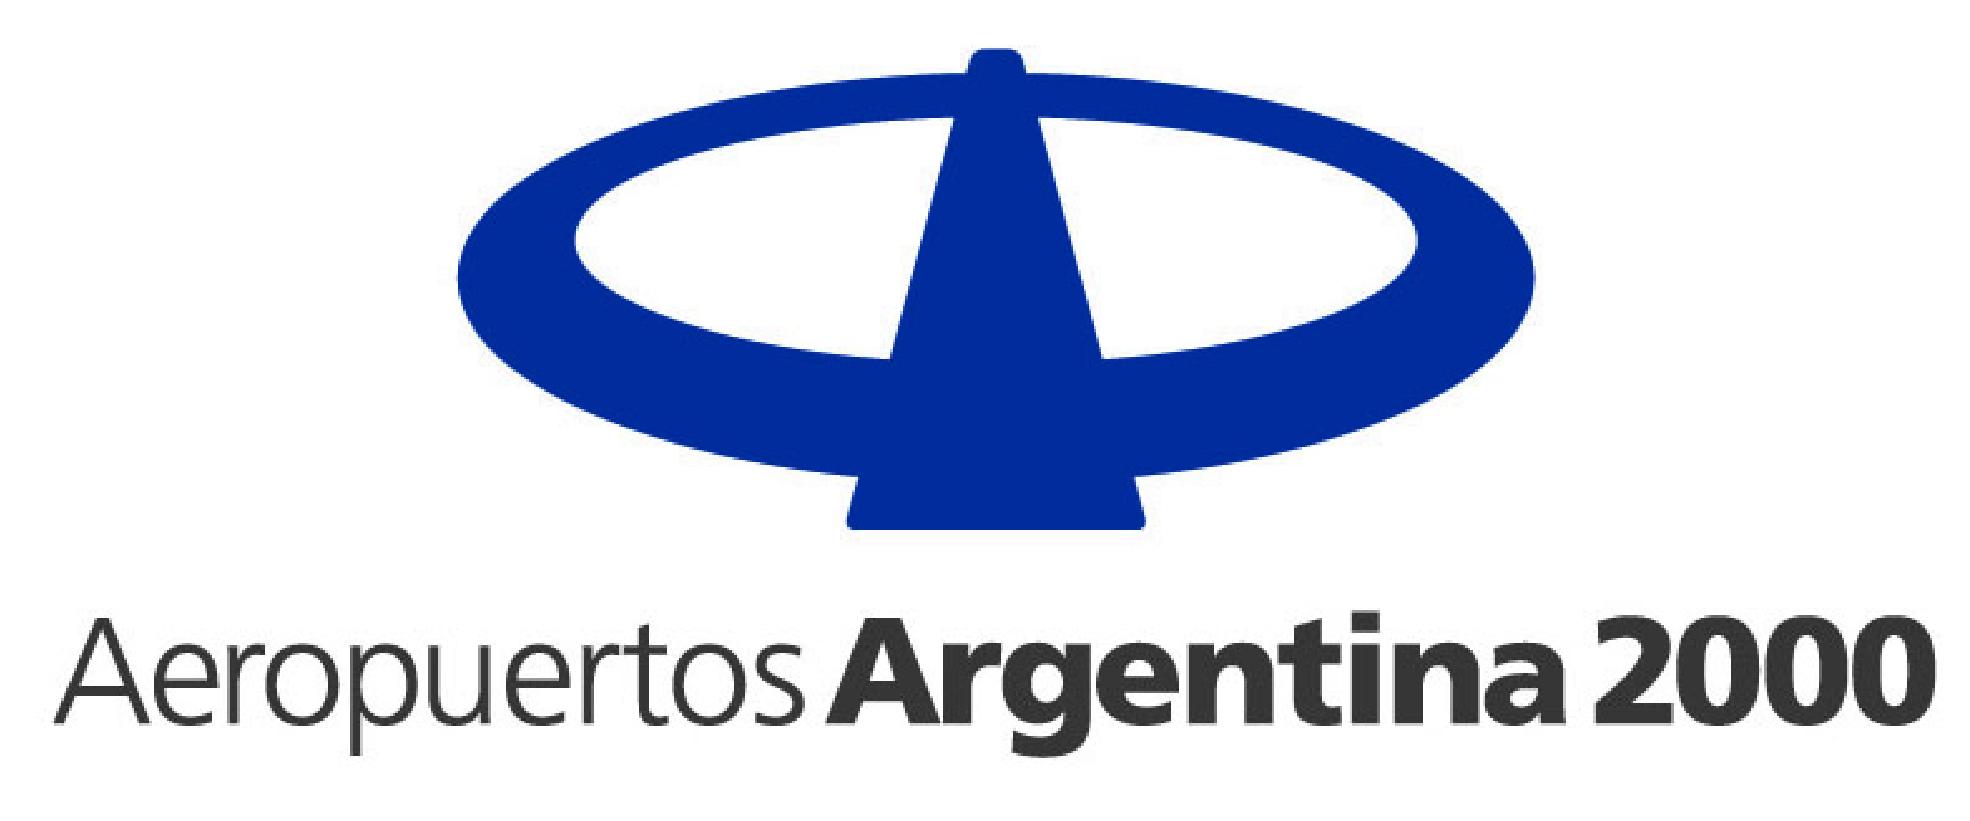 Resultado de imagen para AA2000 logo